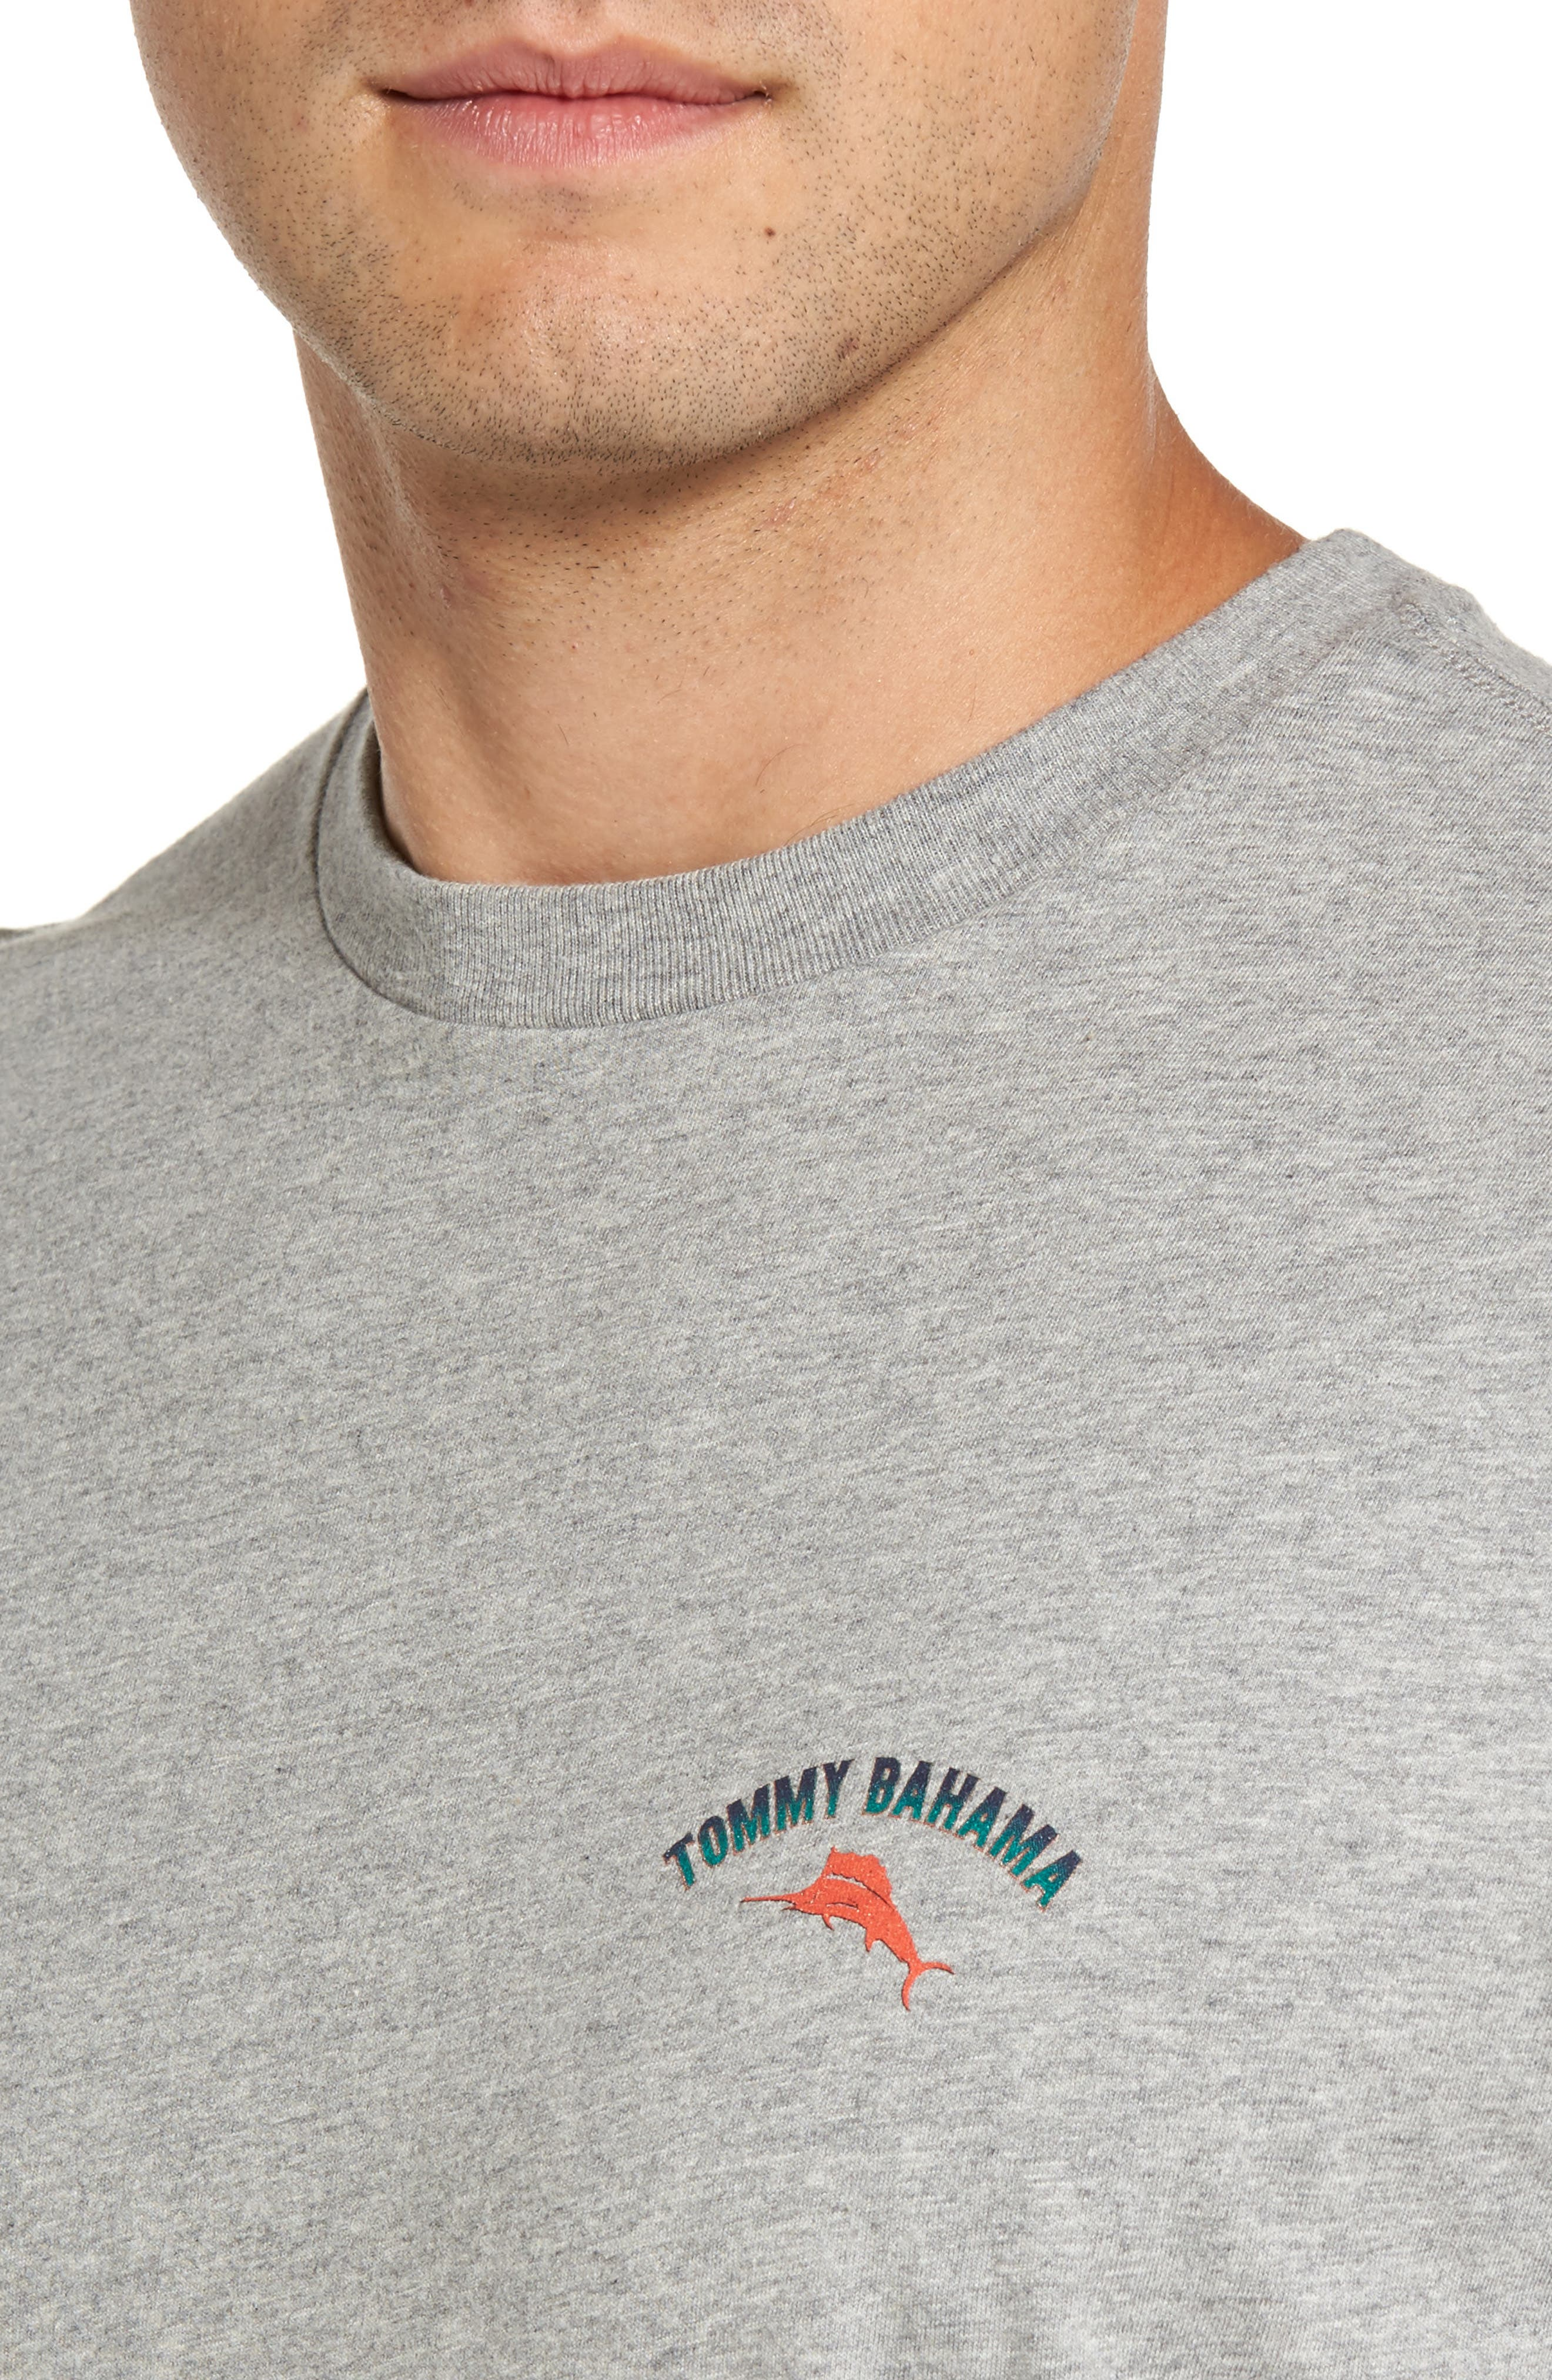 Outside Limebacker Standard Fit T-Shirt,                             Alternate thumbnail 4, color,                             051